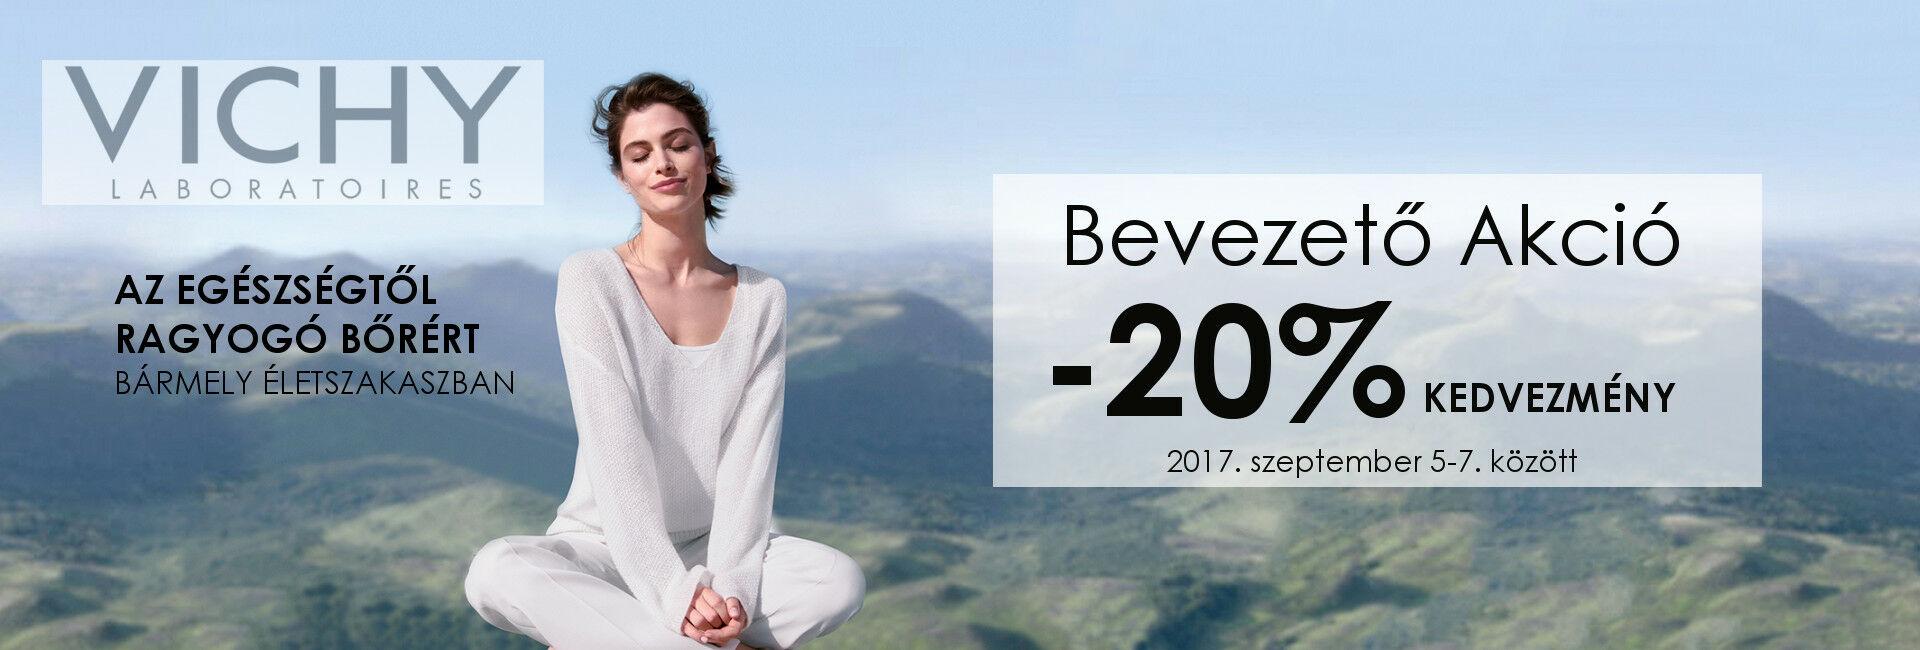 Minden Vichy terméket 20% kedvezménnyel kínálunk szeptember 5-7. között!